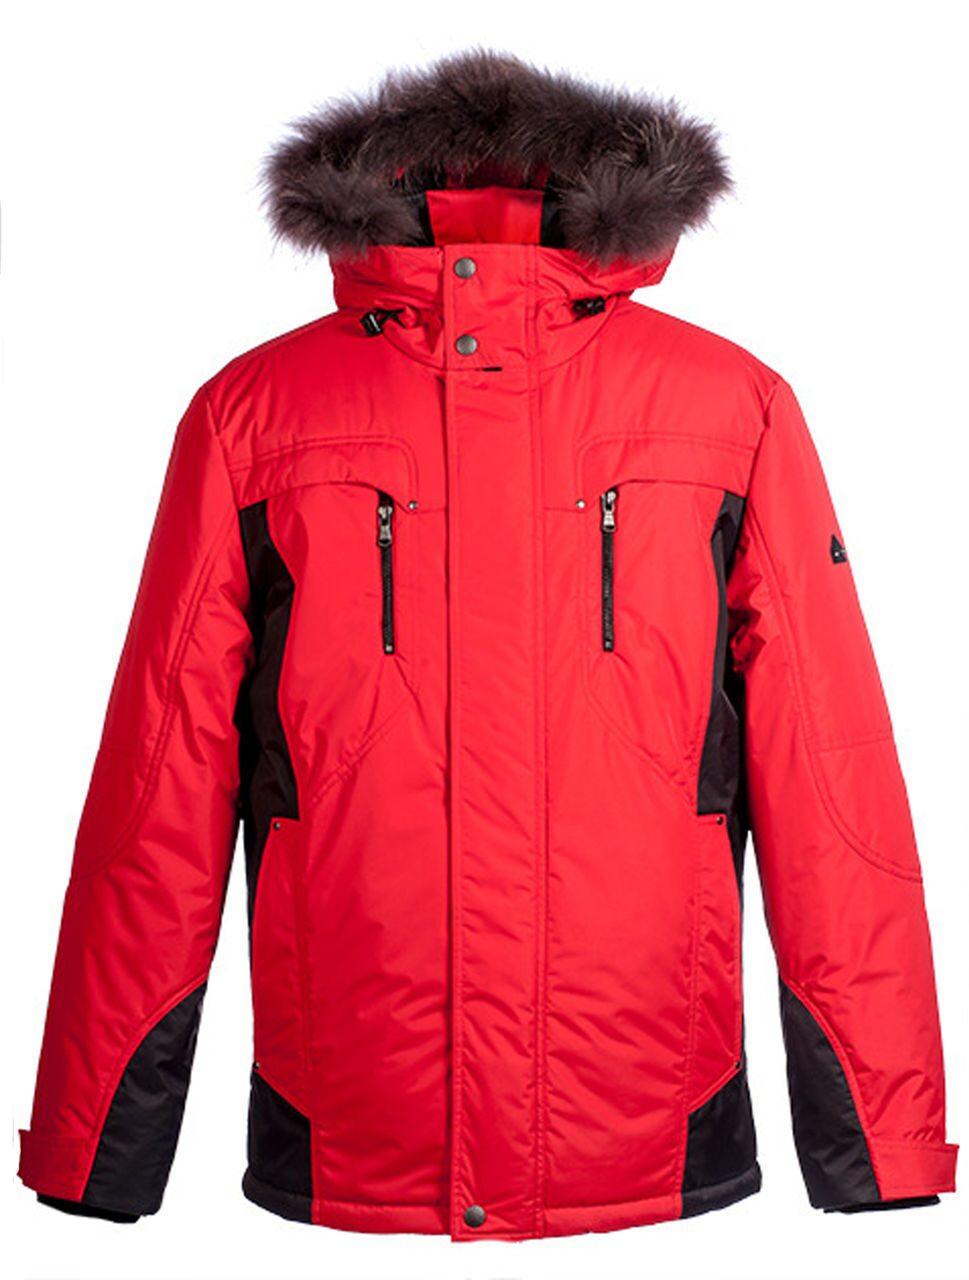 Куртка Зимняя Мужская Купить Большой Размер